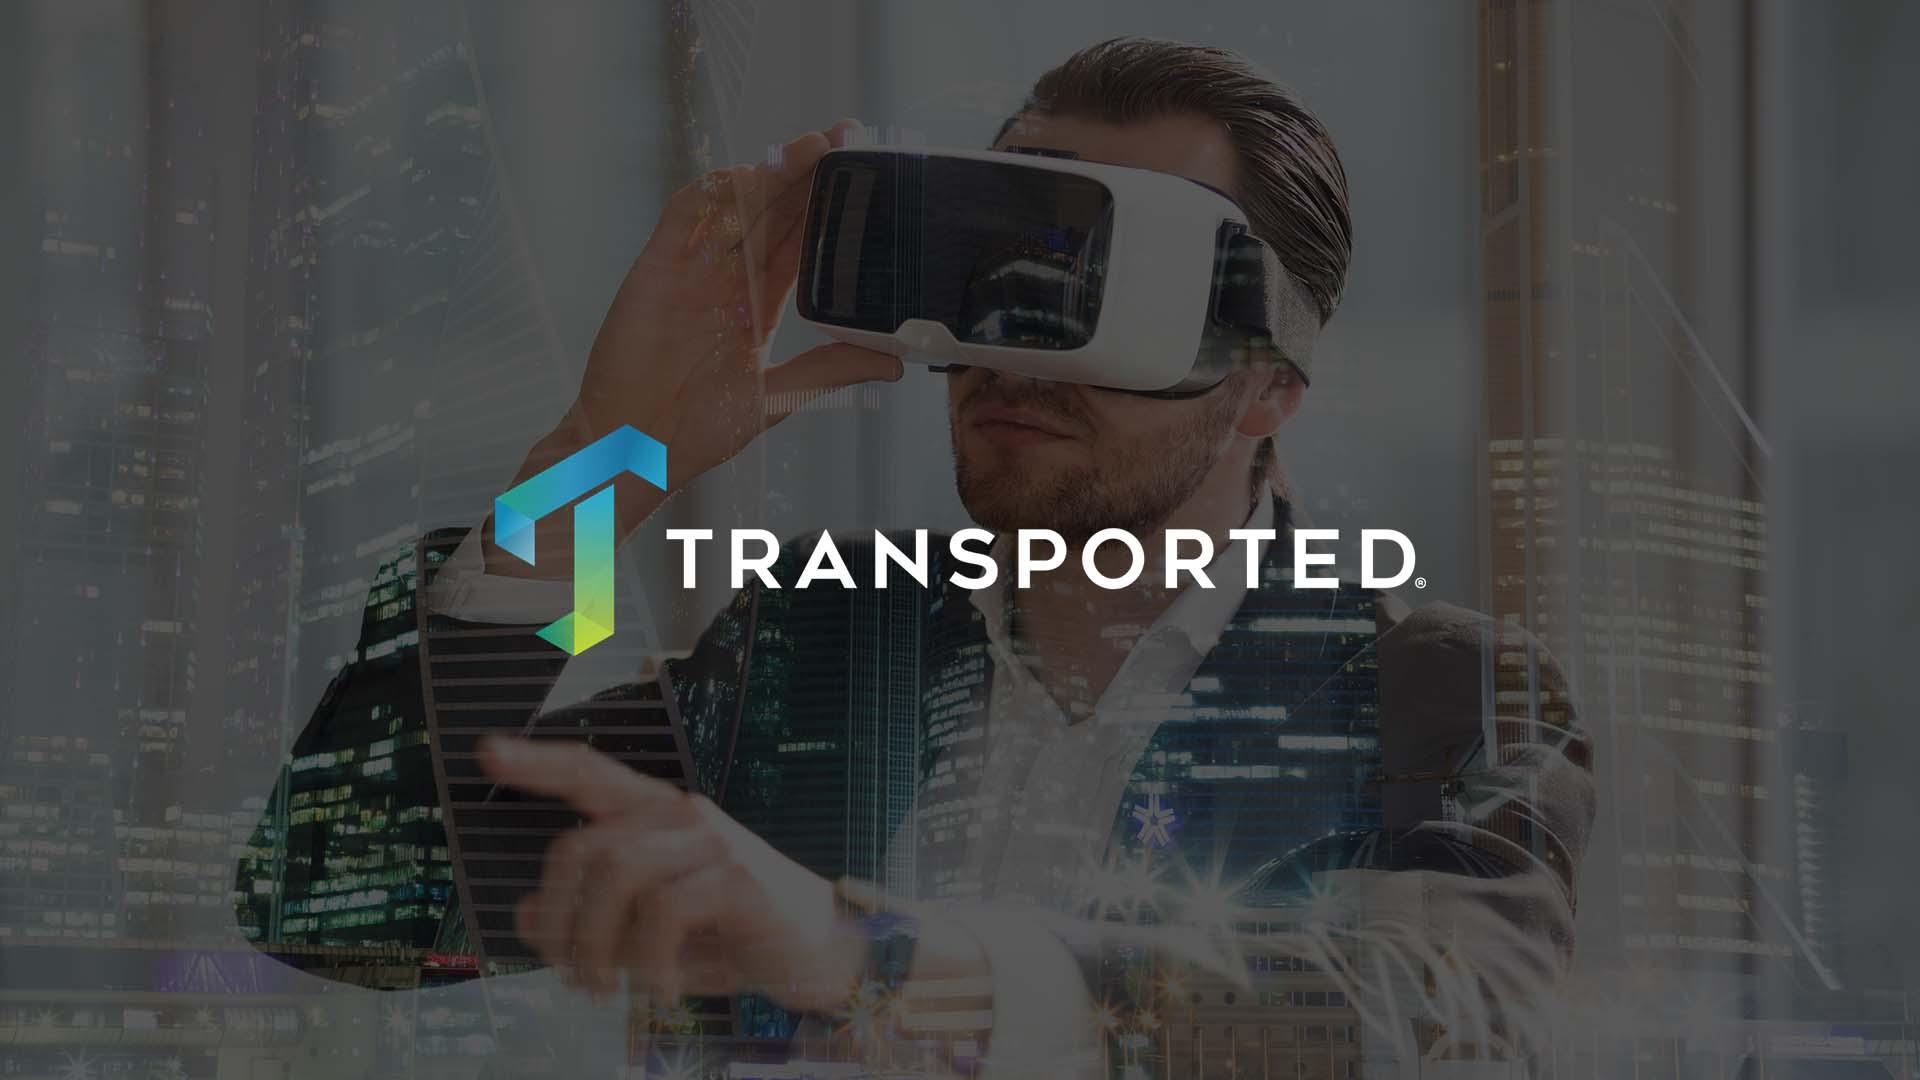 Transported VR Real Estate